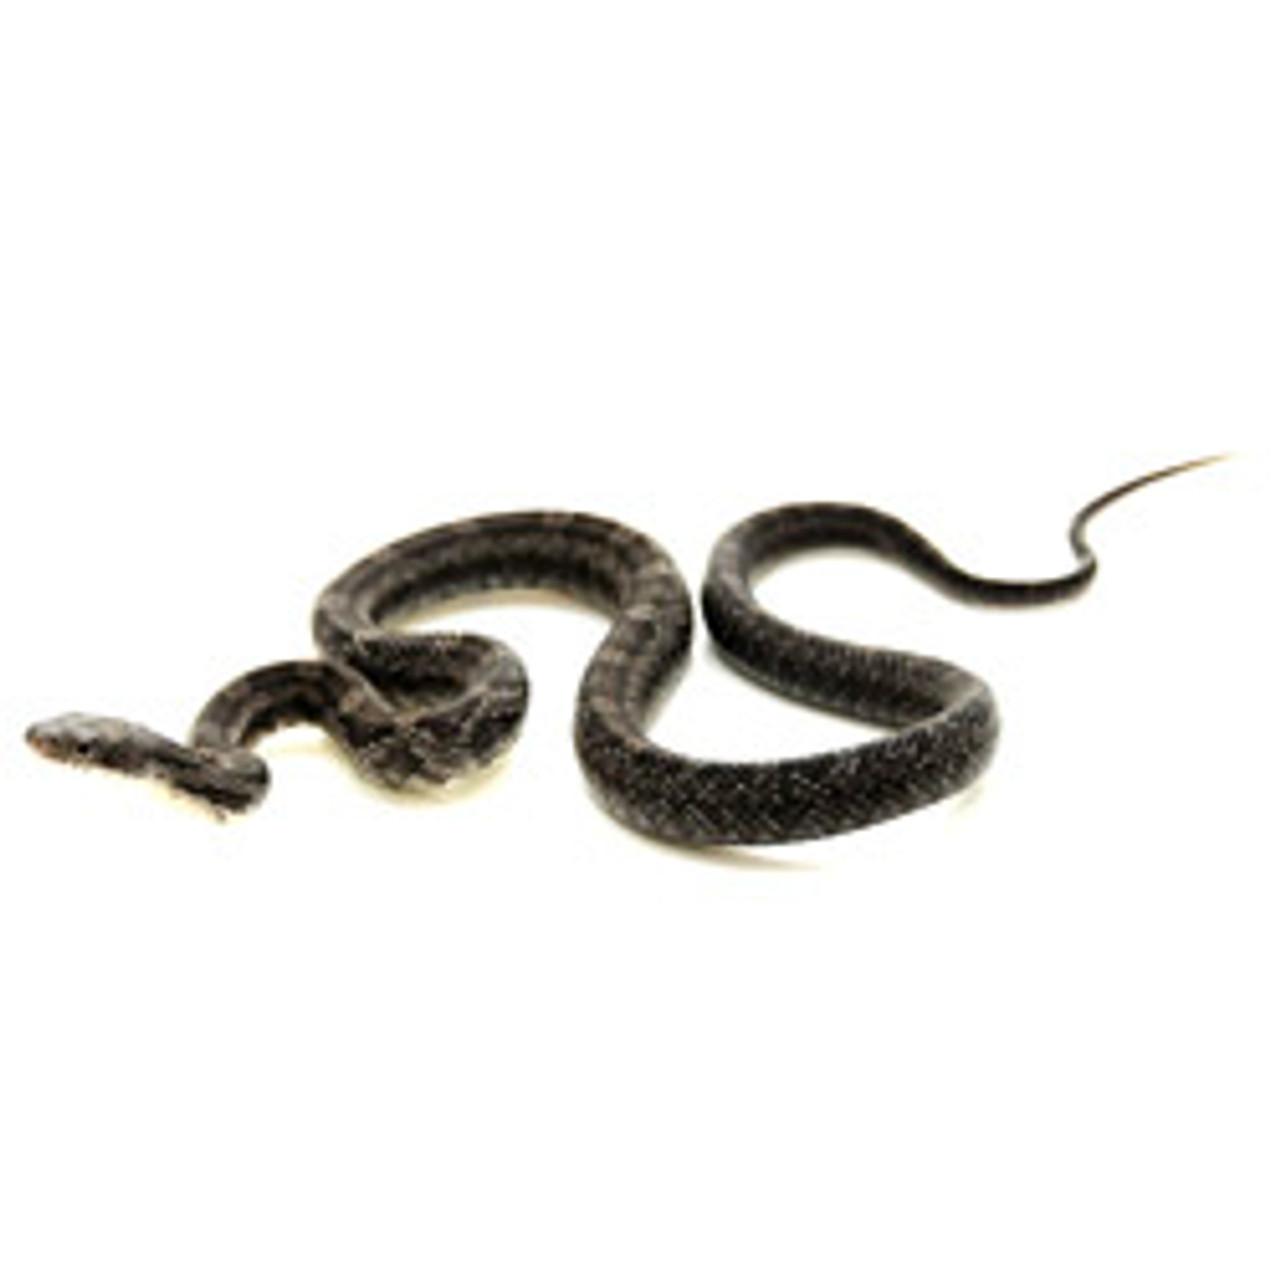 Black Rat Snake (Pantherophis obsoletus)